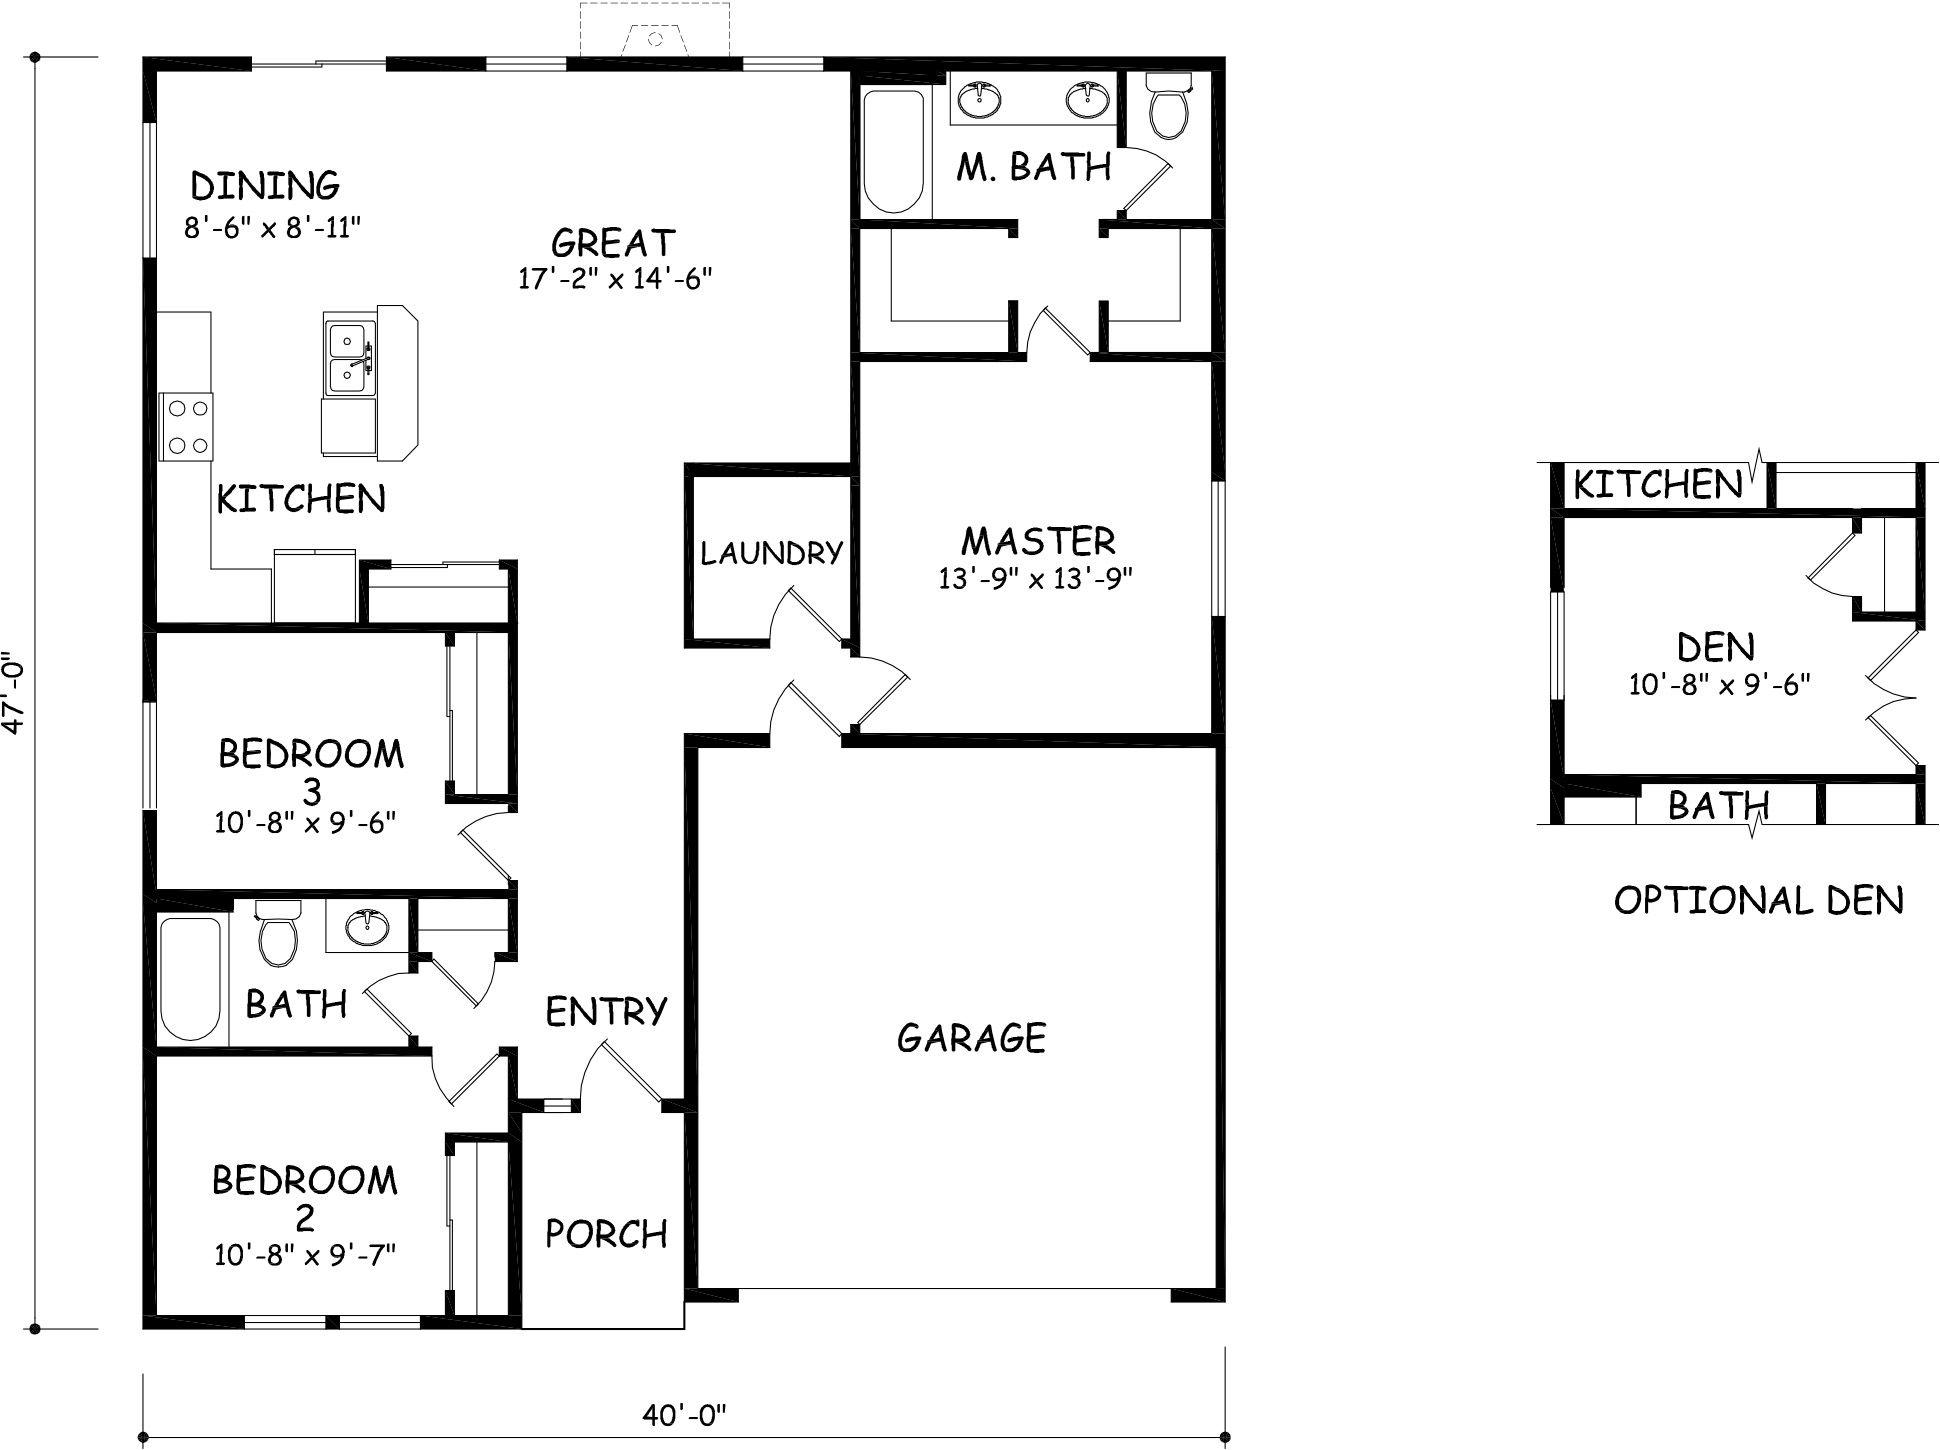 the edgewood by hayden homes floor plan the 1408 square foot the edgewood by hayden homes floor plan the 1408 square foot edgewood is a